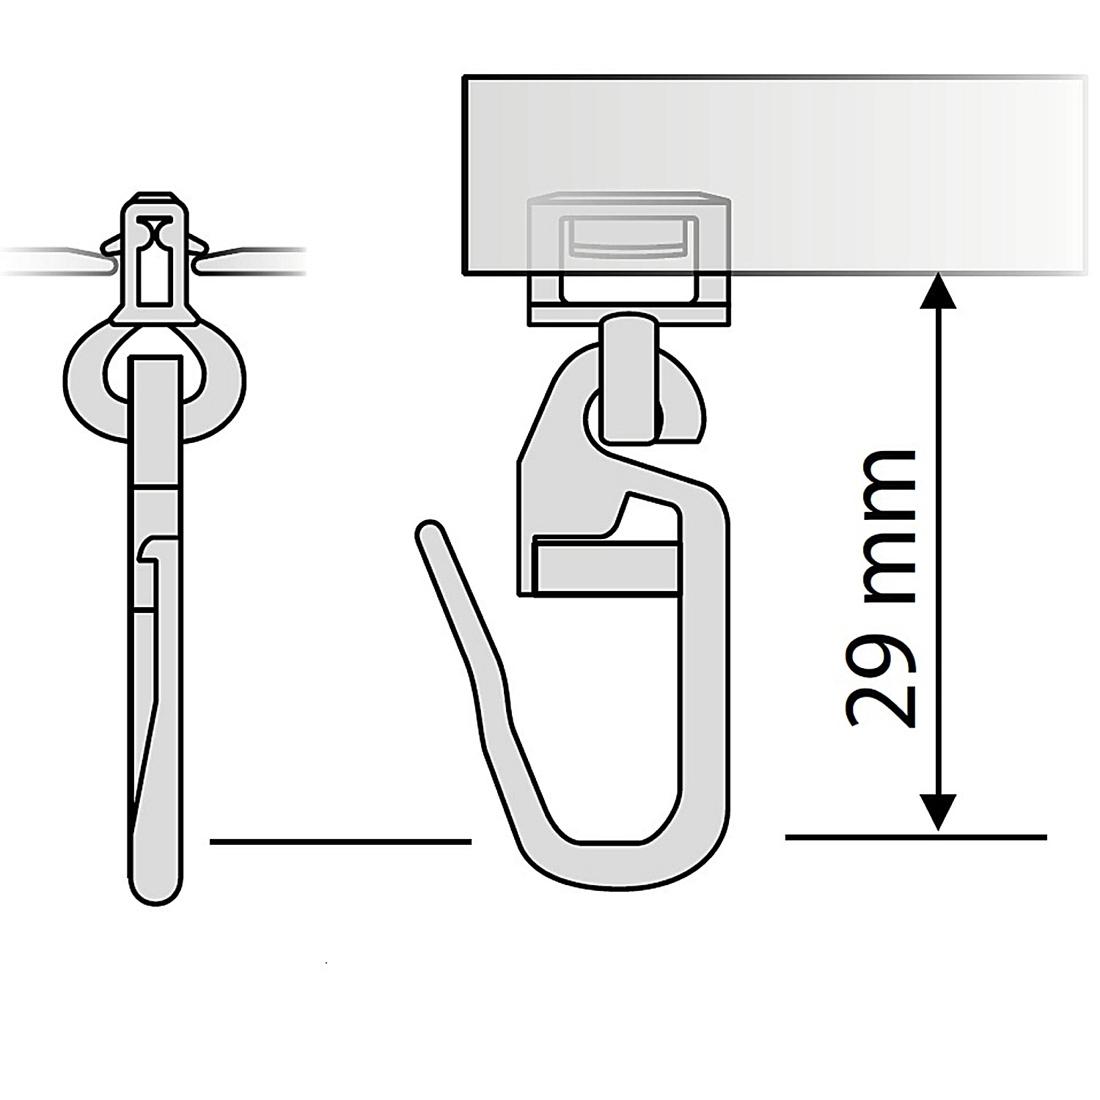 gardinen clic gleiter mit faltenhaken lang hinno hc 72 f r aluminium gardinenschienen mit 4 mm. Black Bedroom Furniture Sets. Home Design Ideas